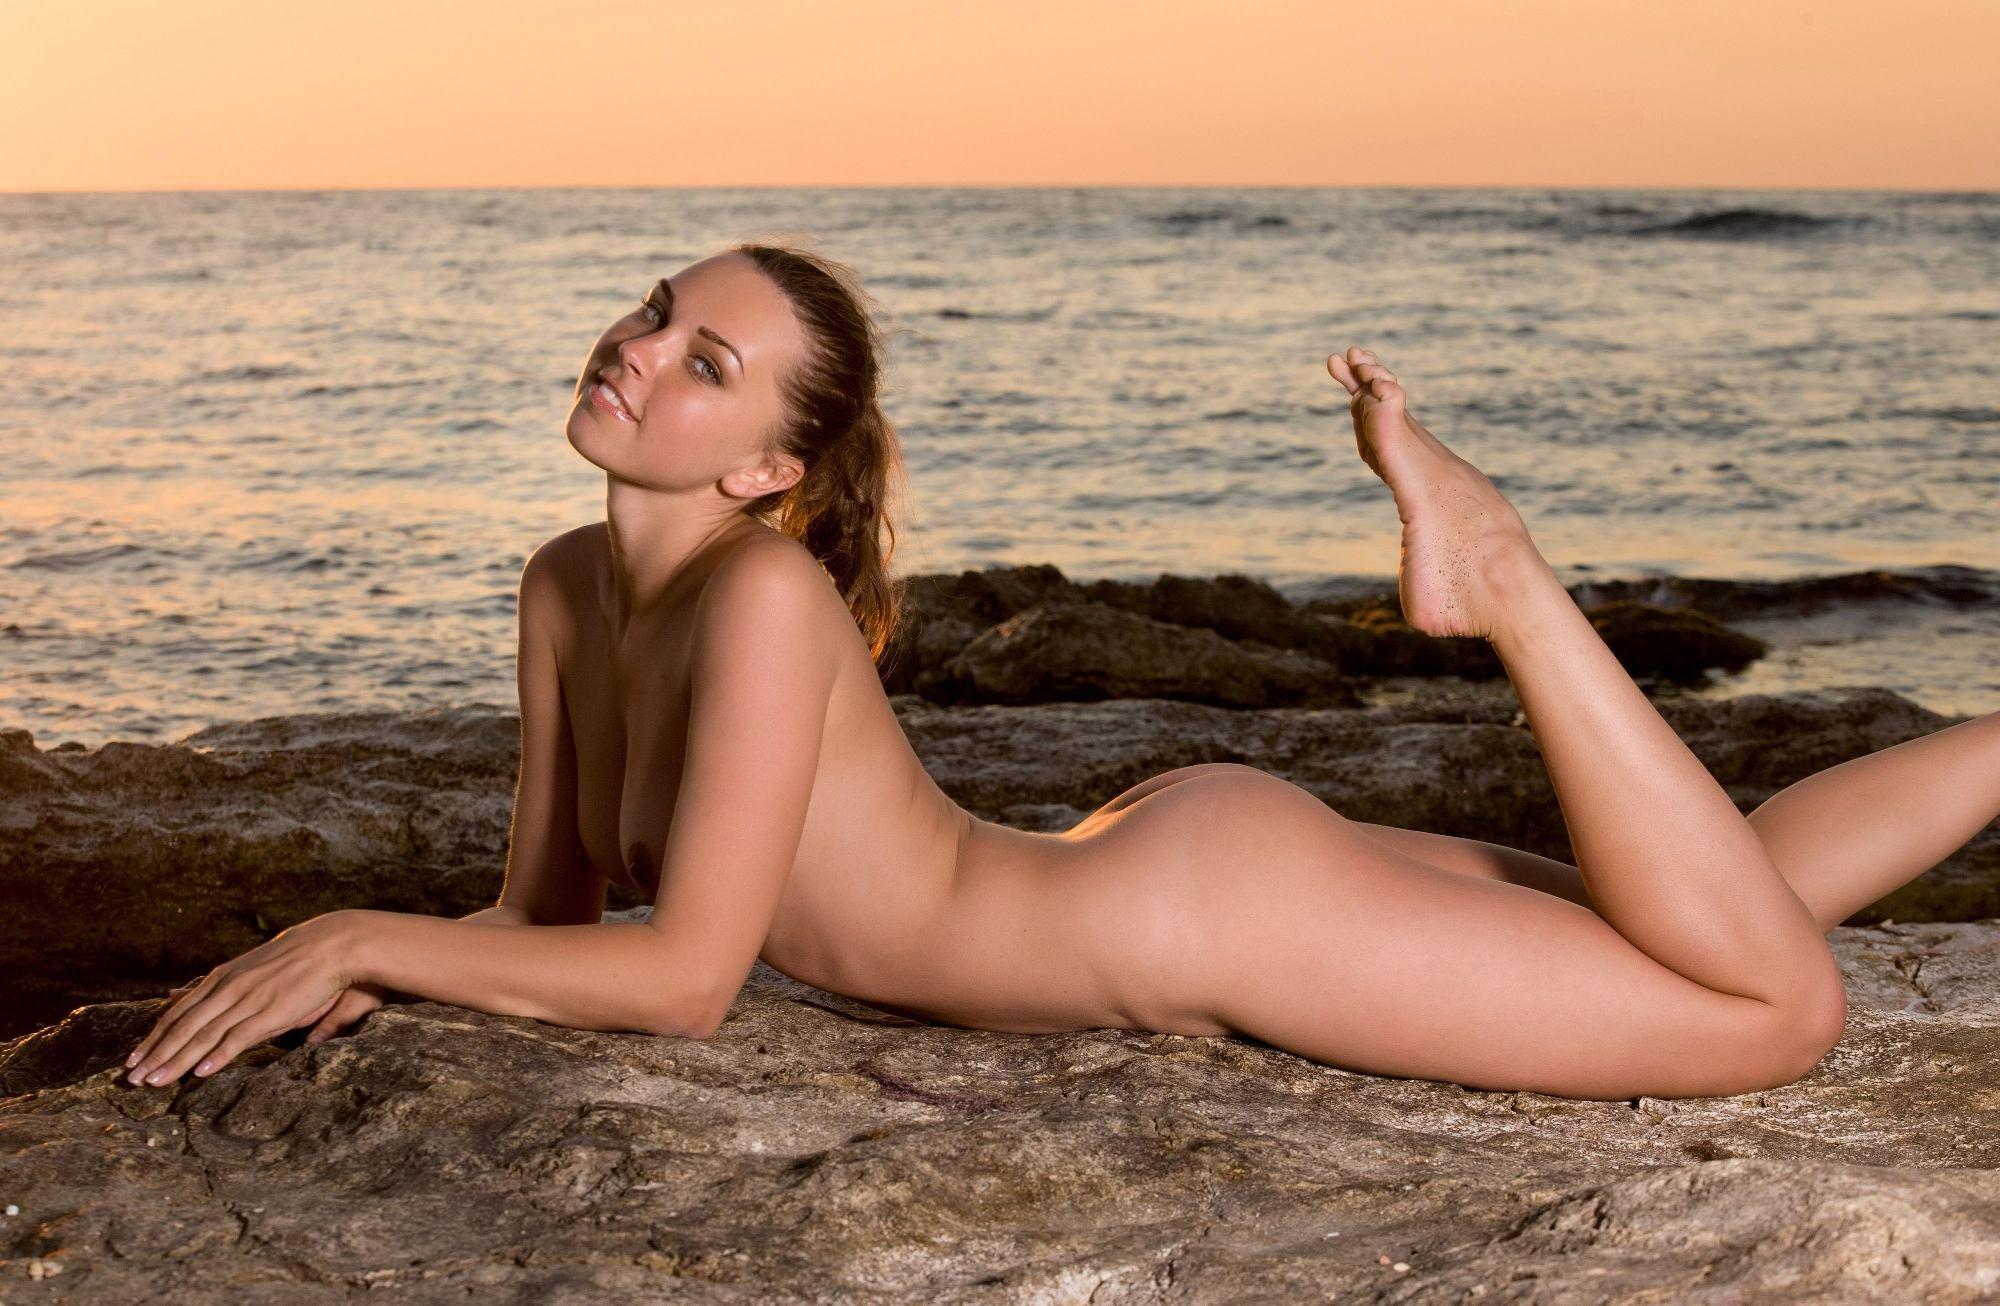 вк эротика пляж потом, когда